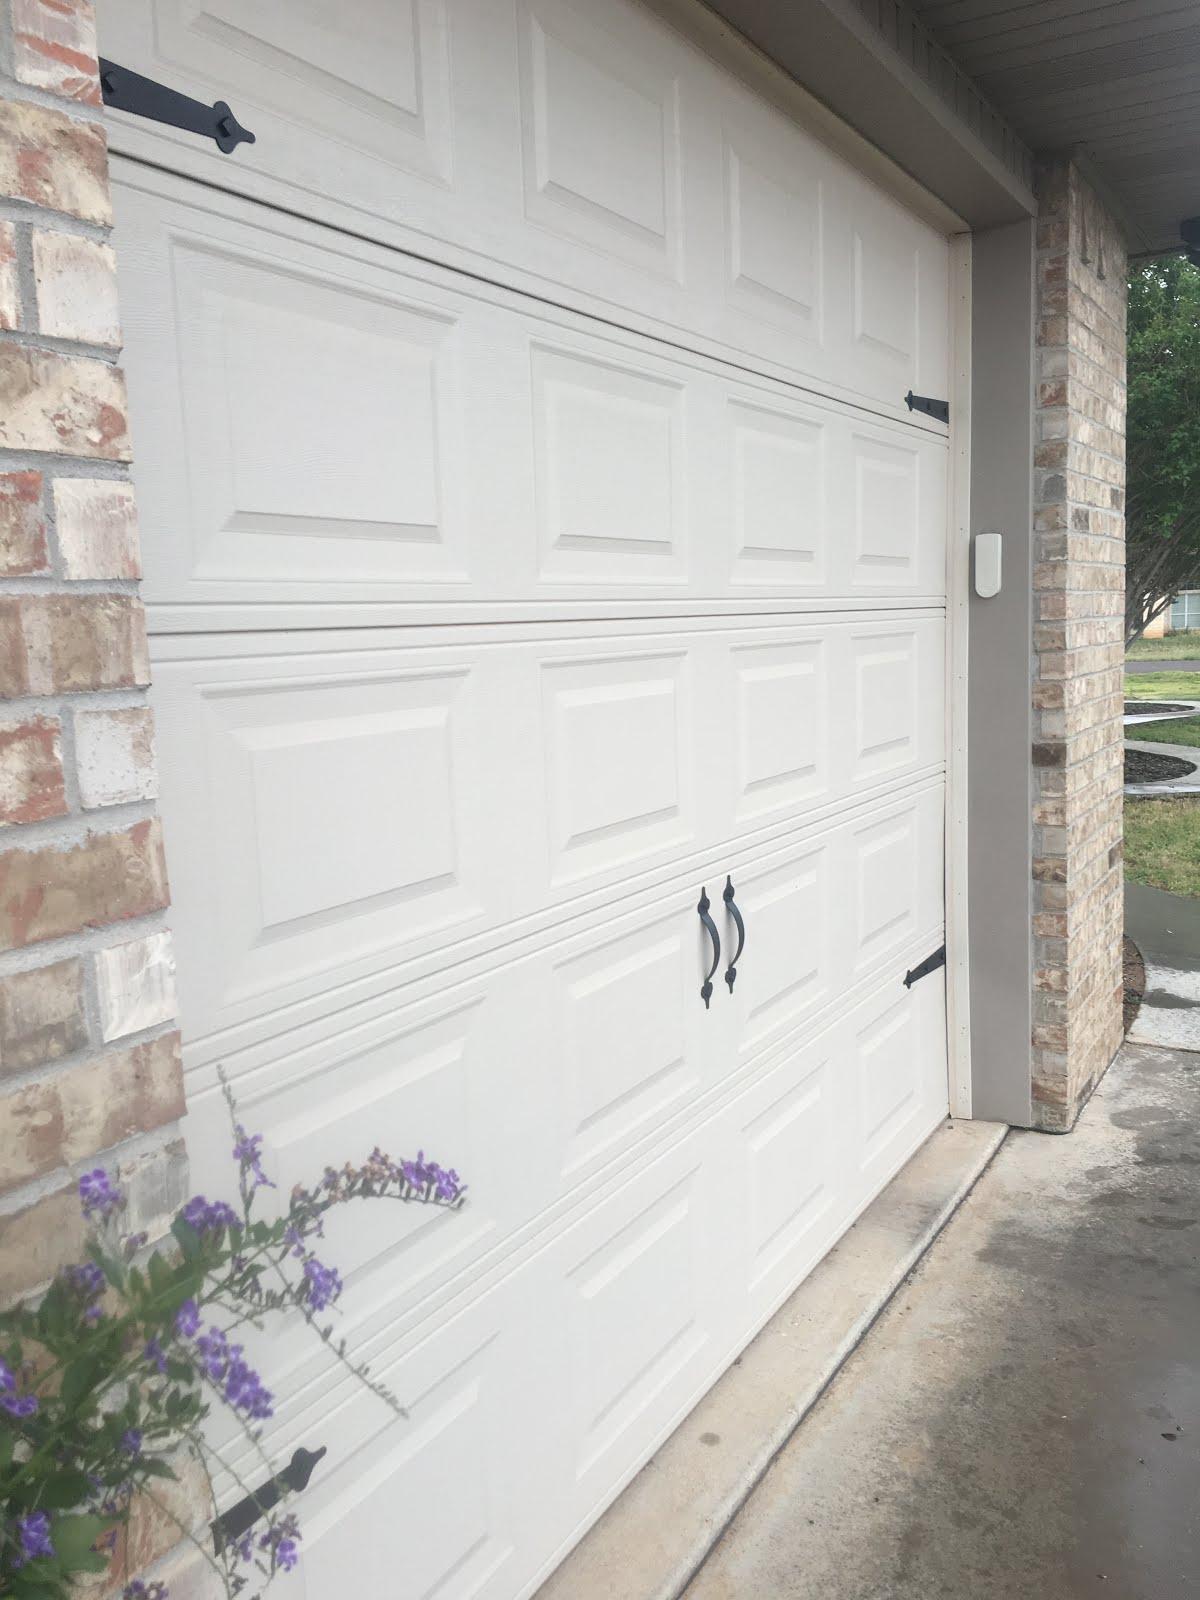 Garage door accents - Magnetic Garage Door Accents Yes I Said Magnetic